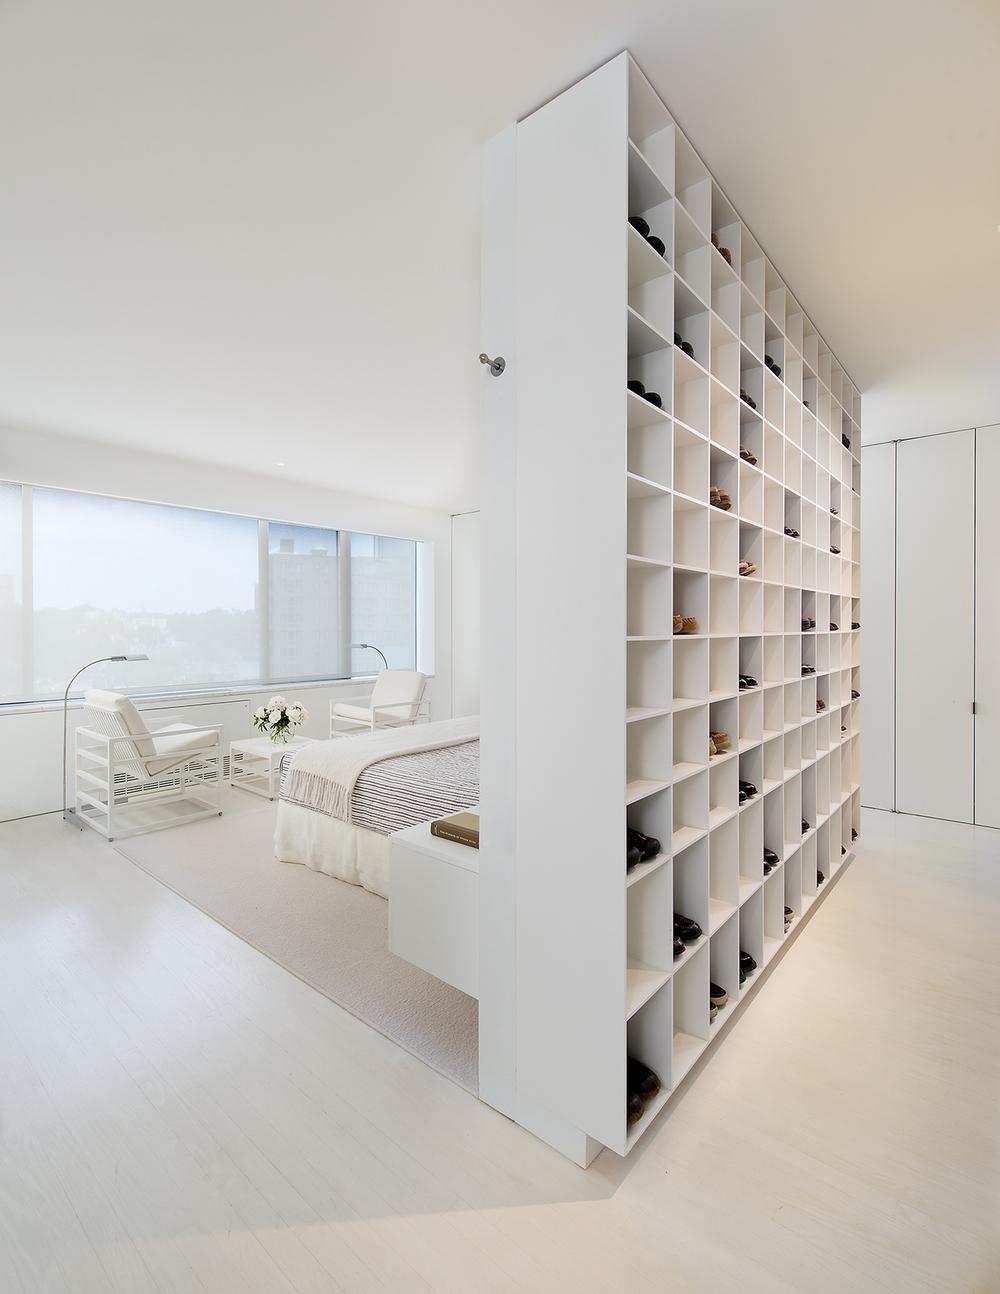 O:K Apartment 9.jpg